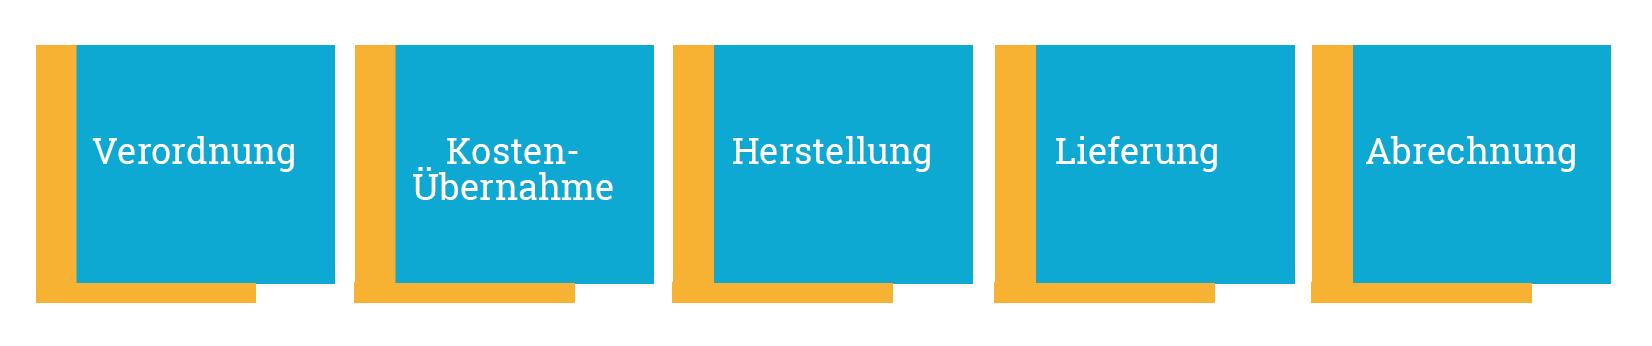 homecare unternehmen in deutschland markt analysen. Black Bedroom Furniture Sets. Home Design Ideas